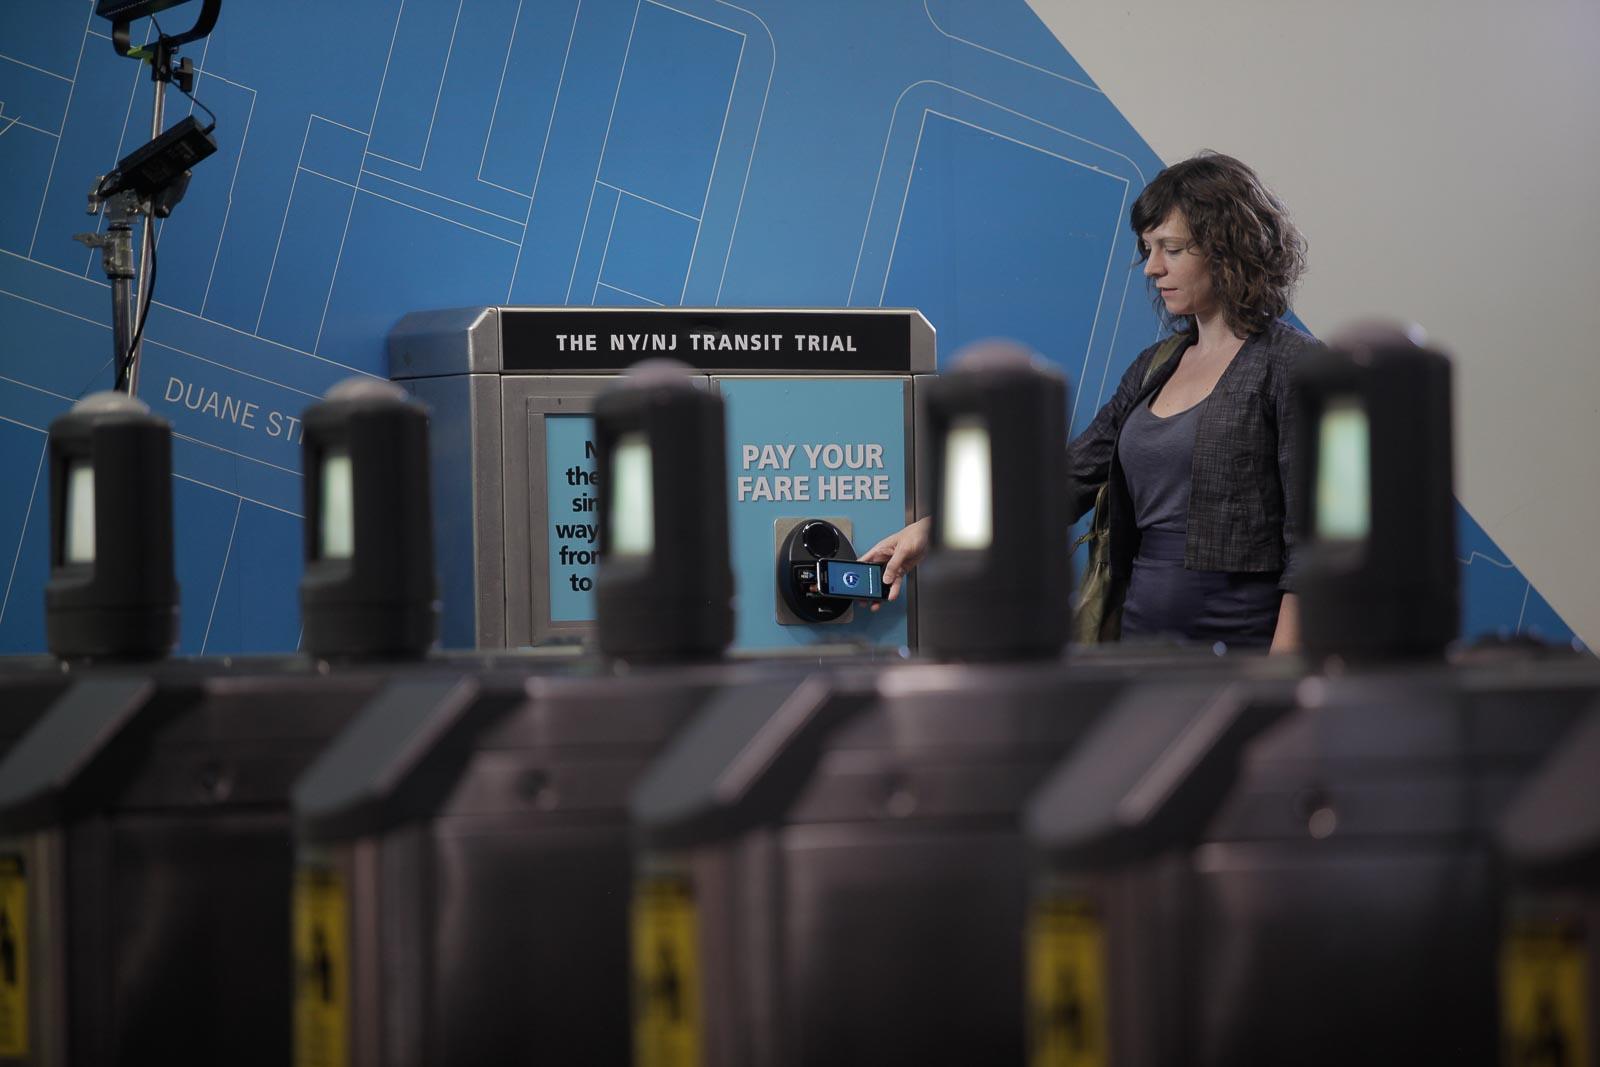 Nghiên cứu toàn cầu của Visa giúp nâng cao chất lượng giao thông